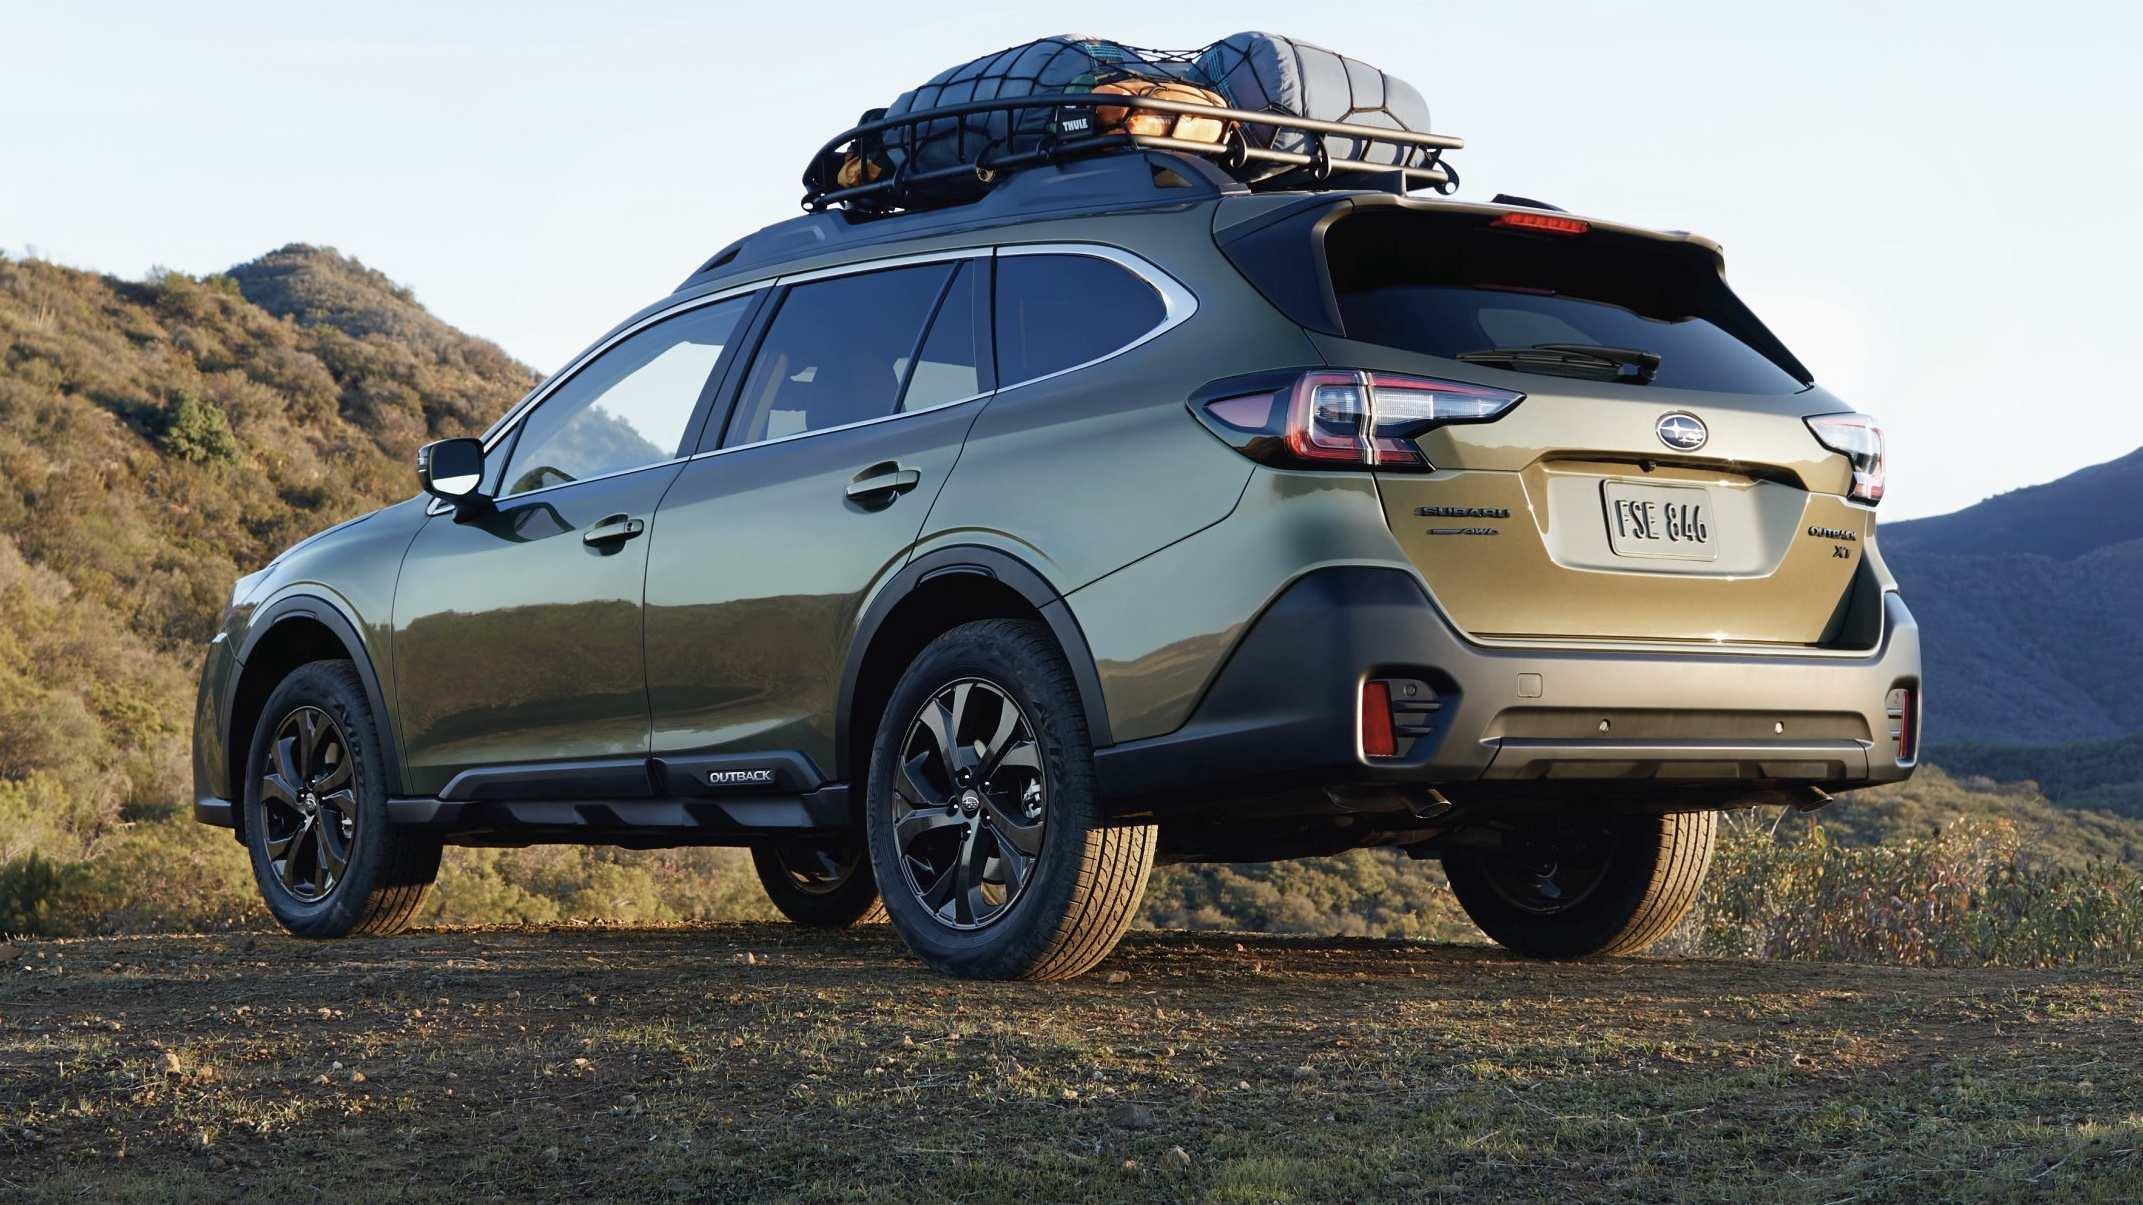 37 Concept of Subaru Diesel 2020 Release Date by Subaru Diesel 2020